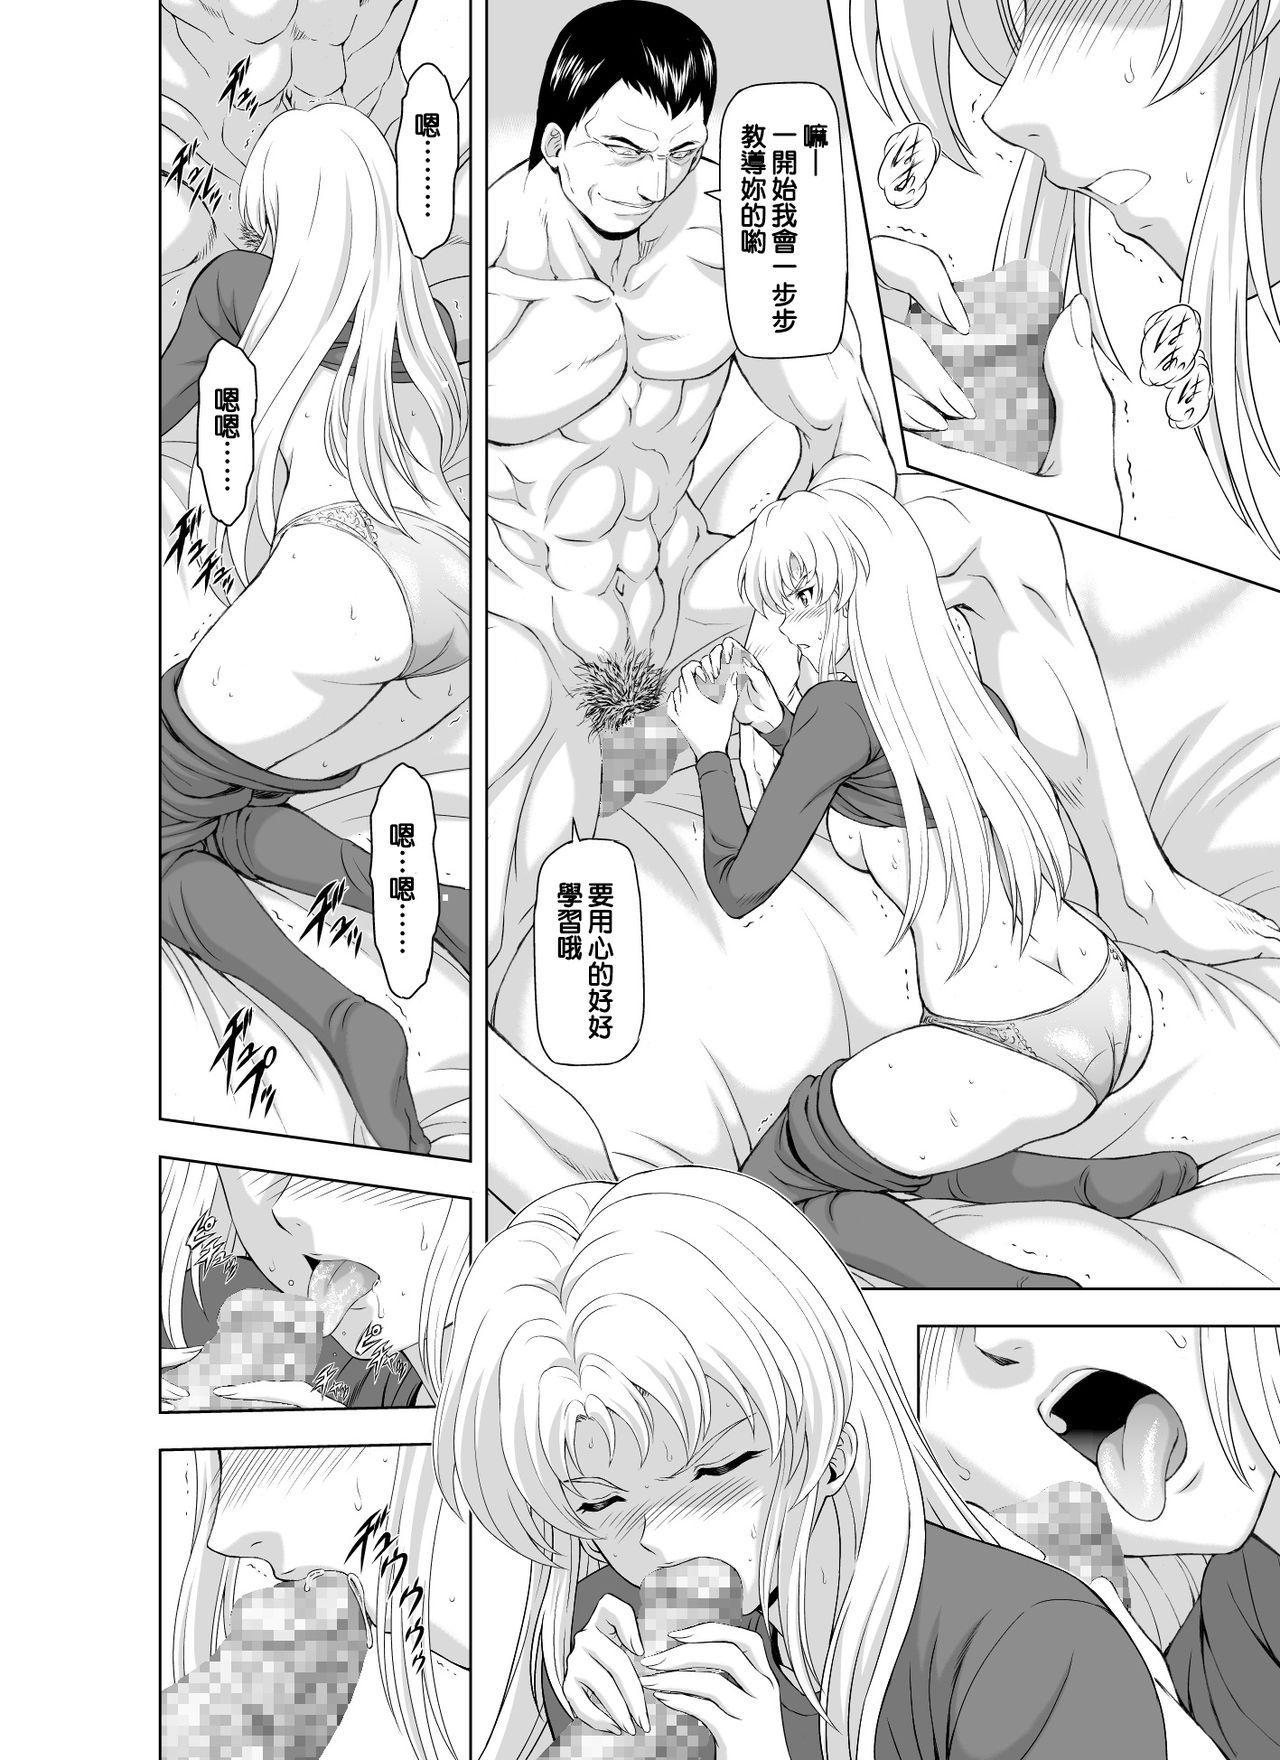 Reties no Michibiki Vol. 2 | 蕾蒂絲的引導 Vol. 2 14